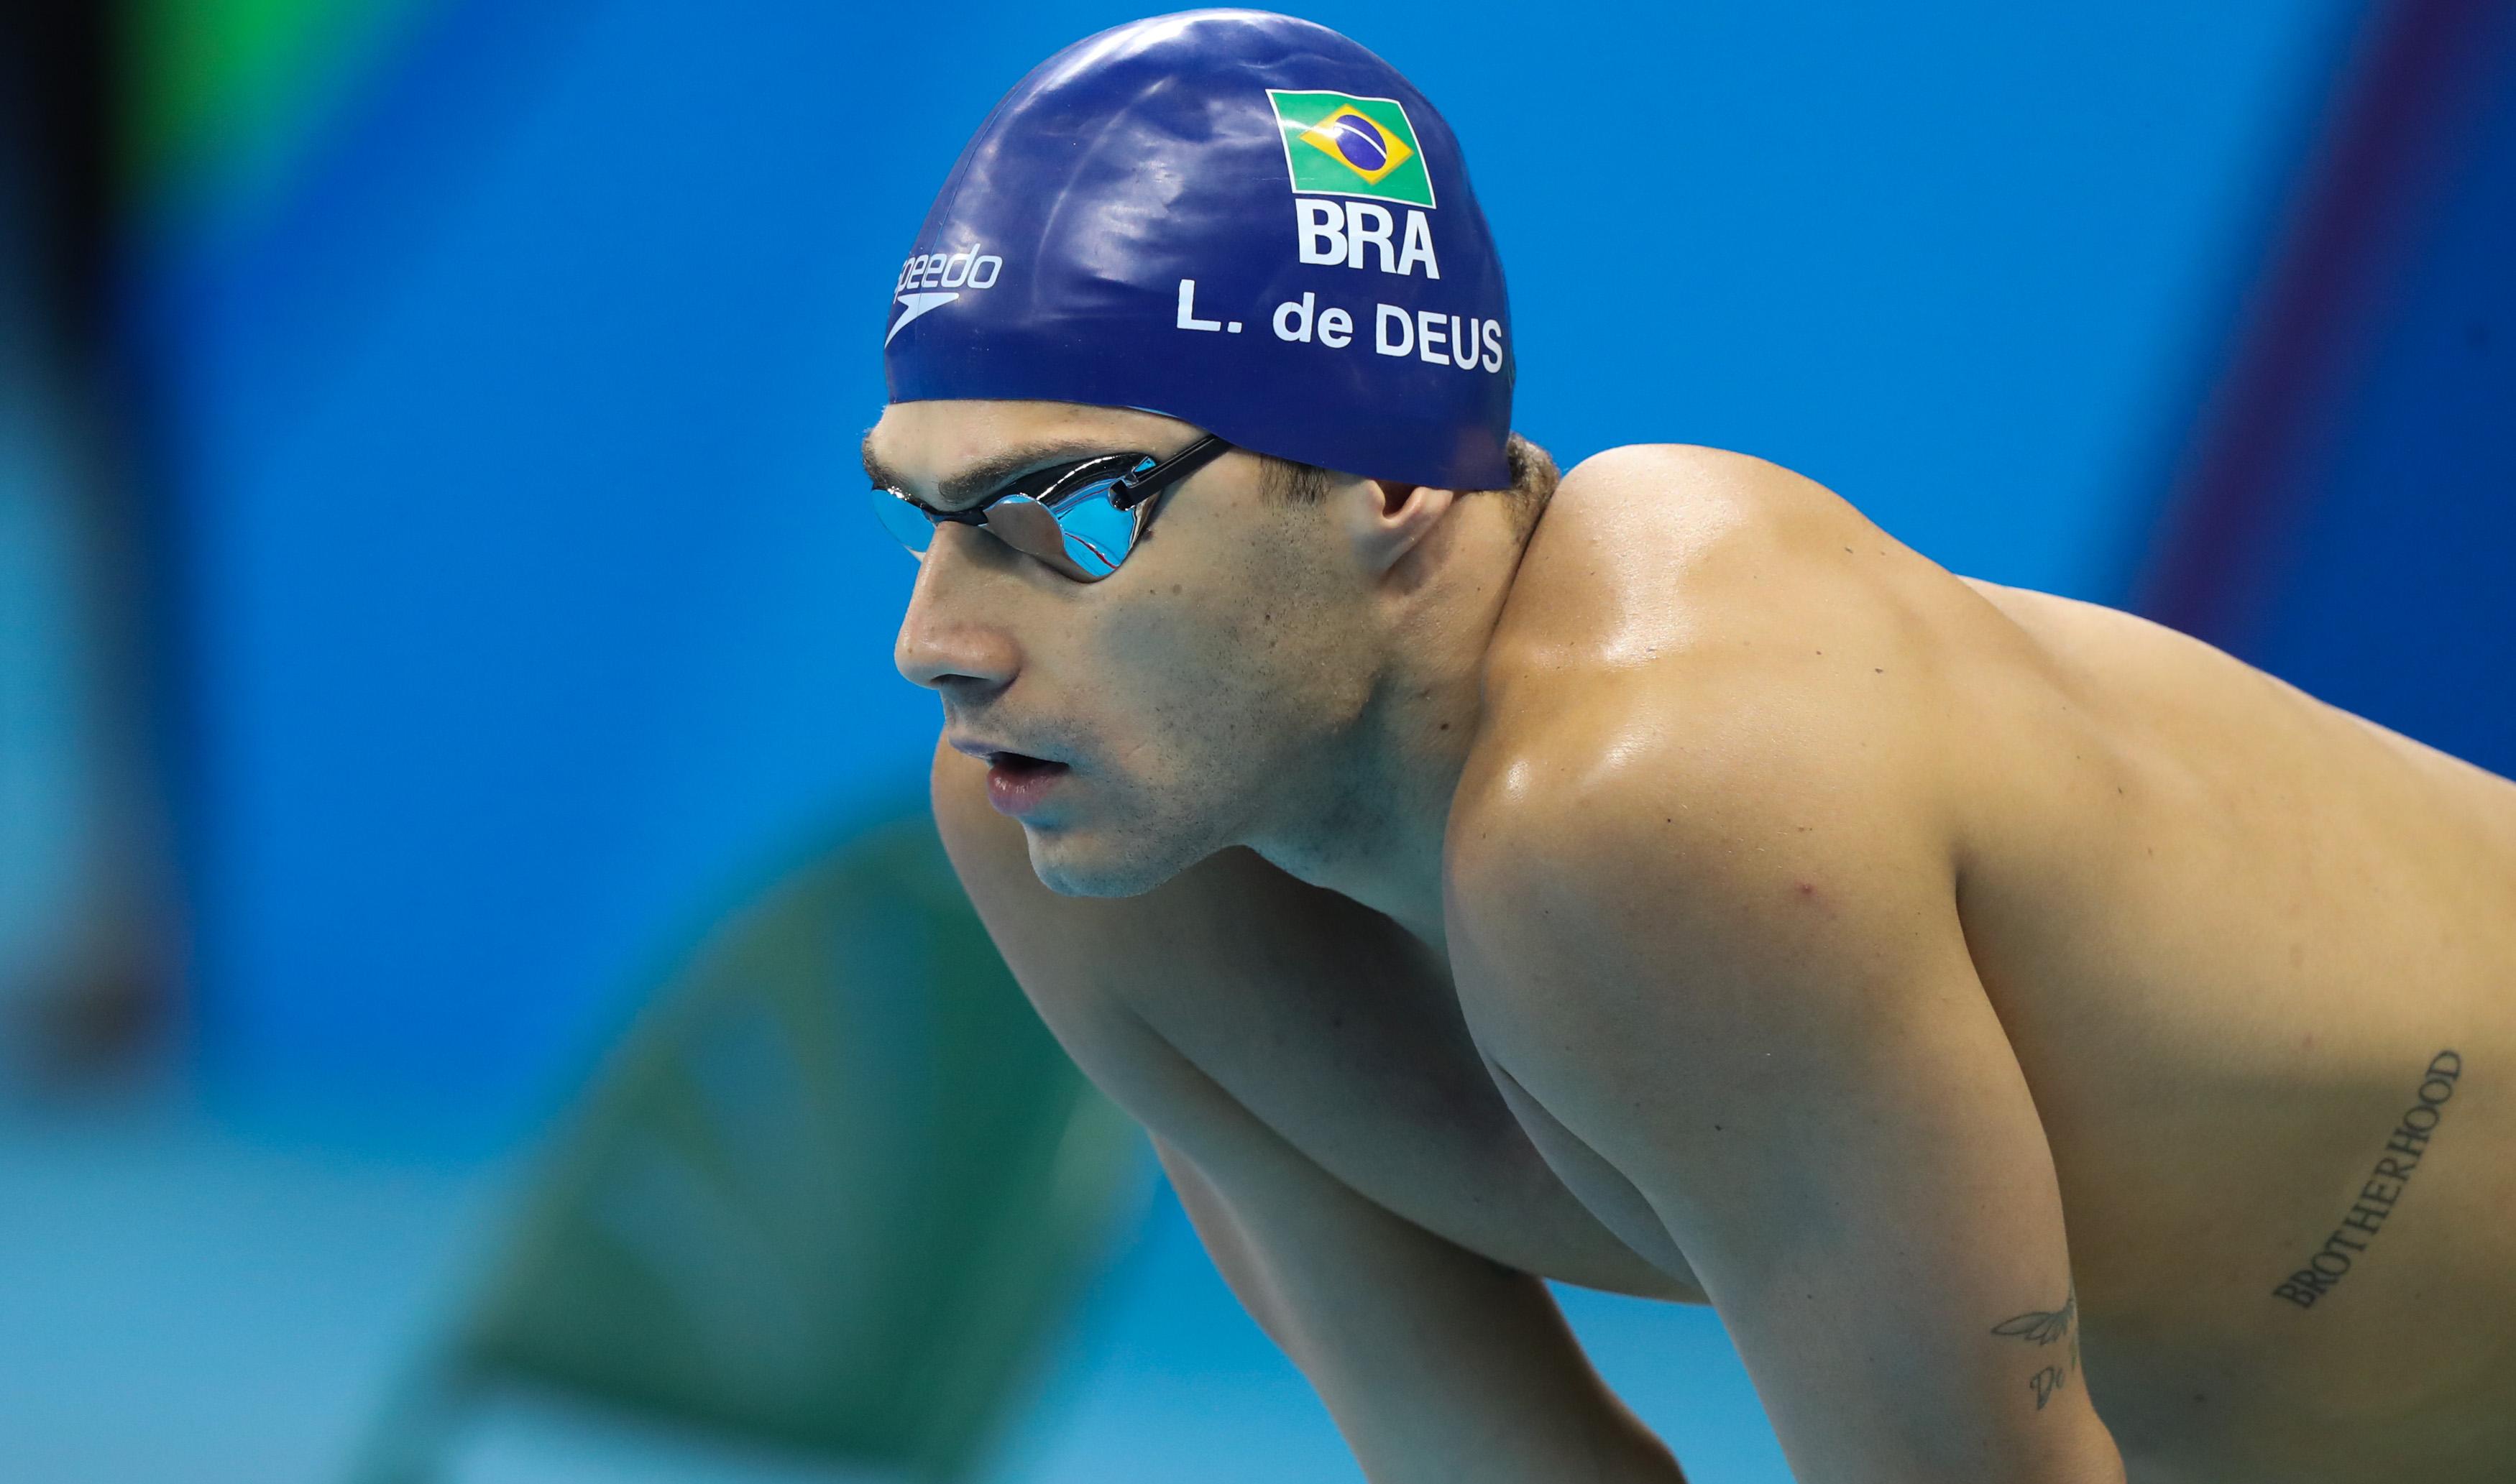 lista dos brasileirso classificados para os jogos olímpicos de tóquio-2020